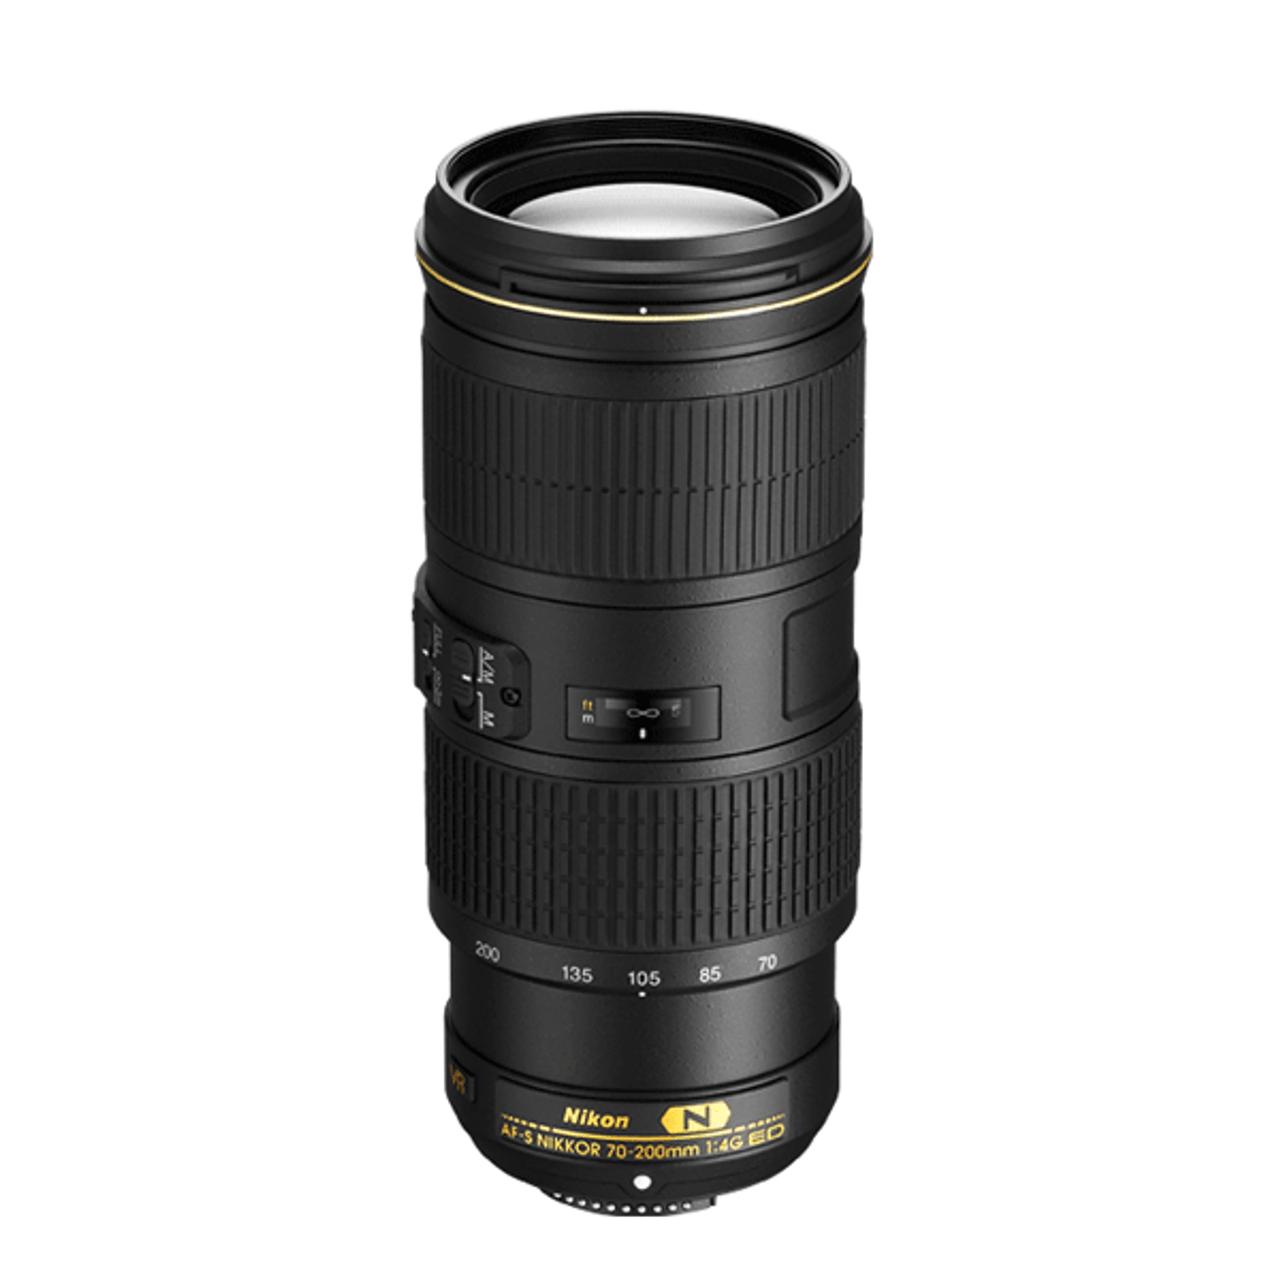 Nikon AF-S 70-200mm F4G VR Nikkor